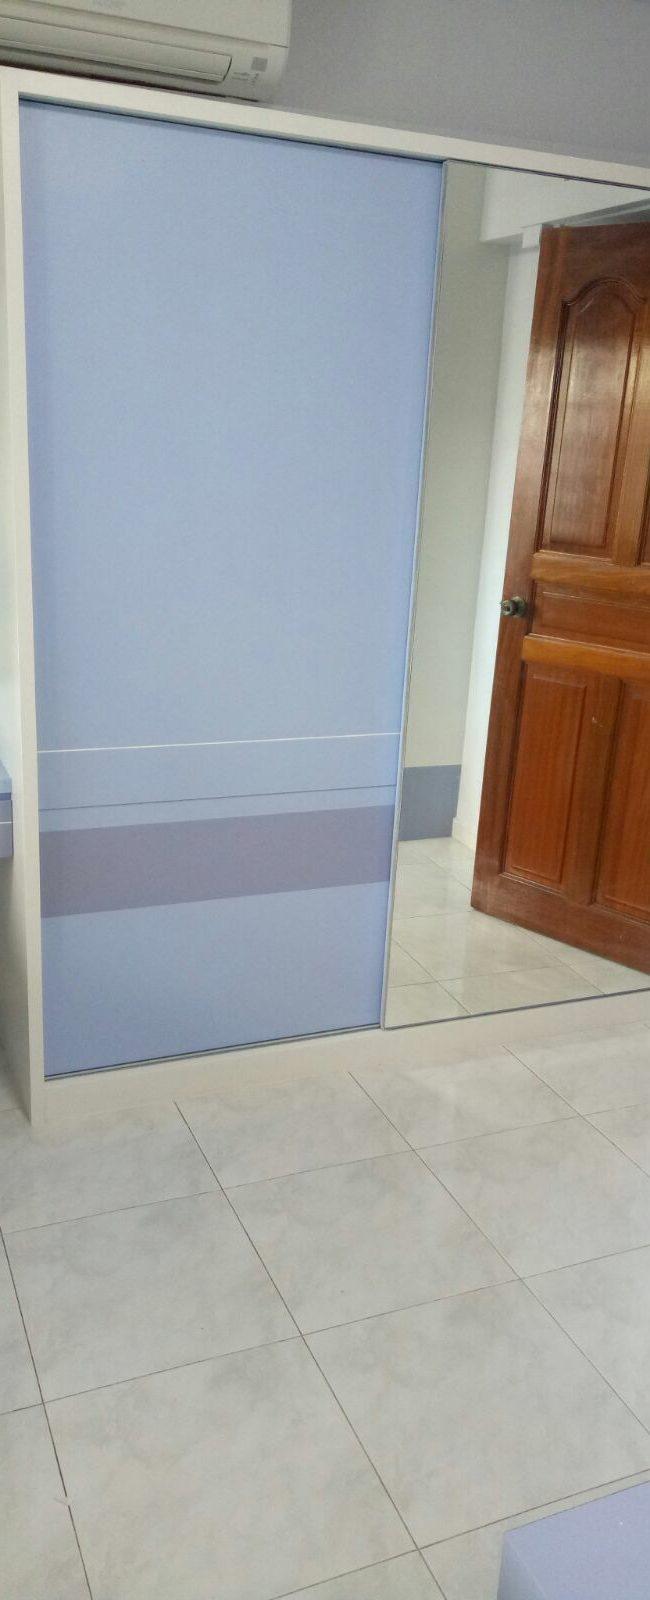 Jurong East Project – Combination of Wardrobe & Door